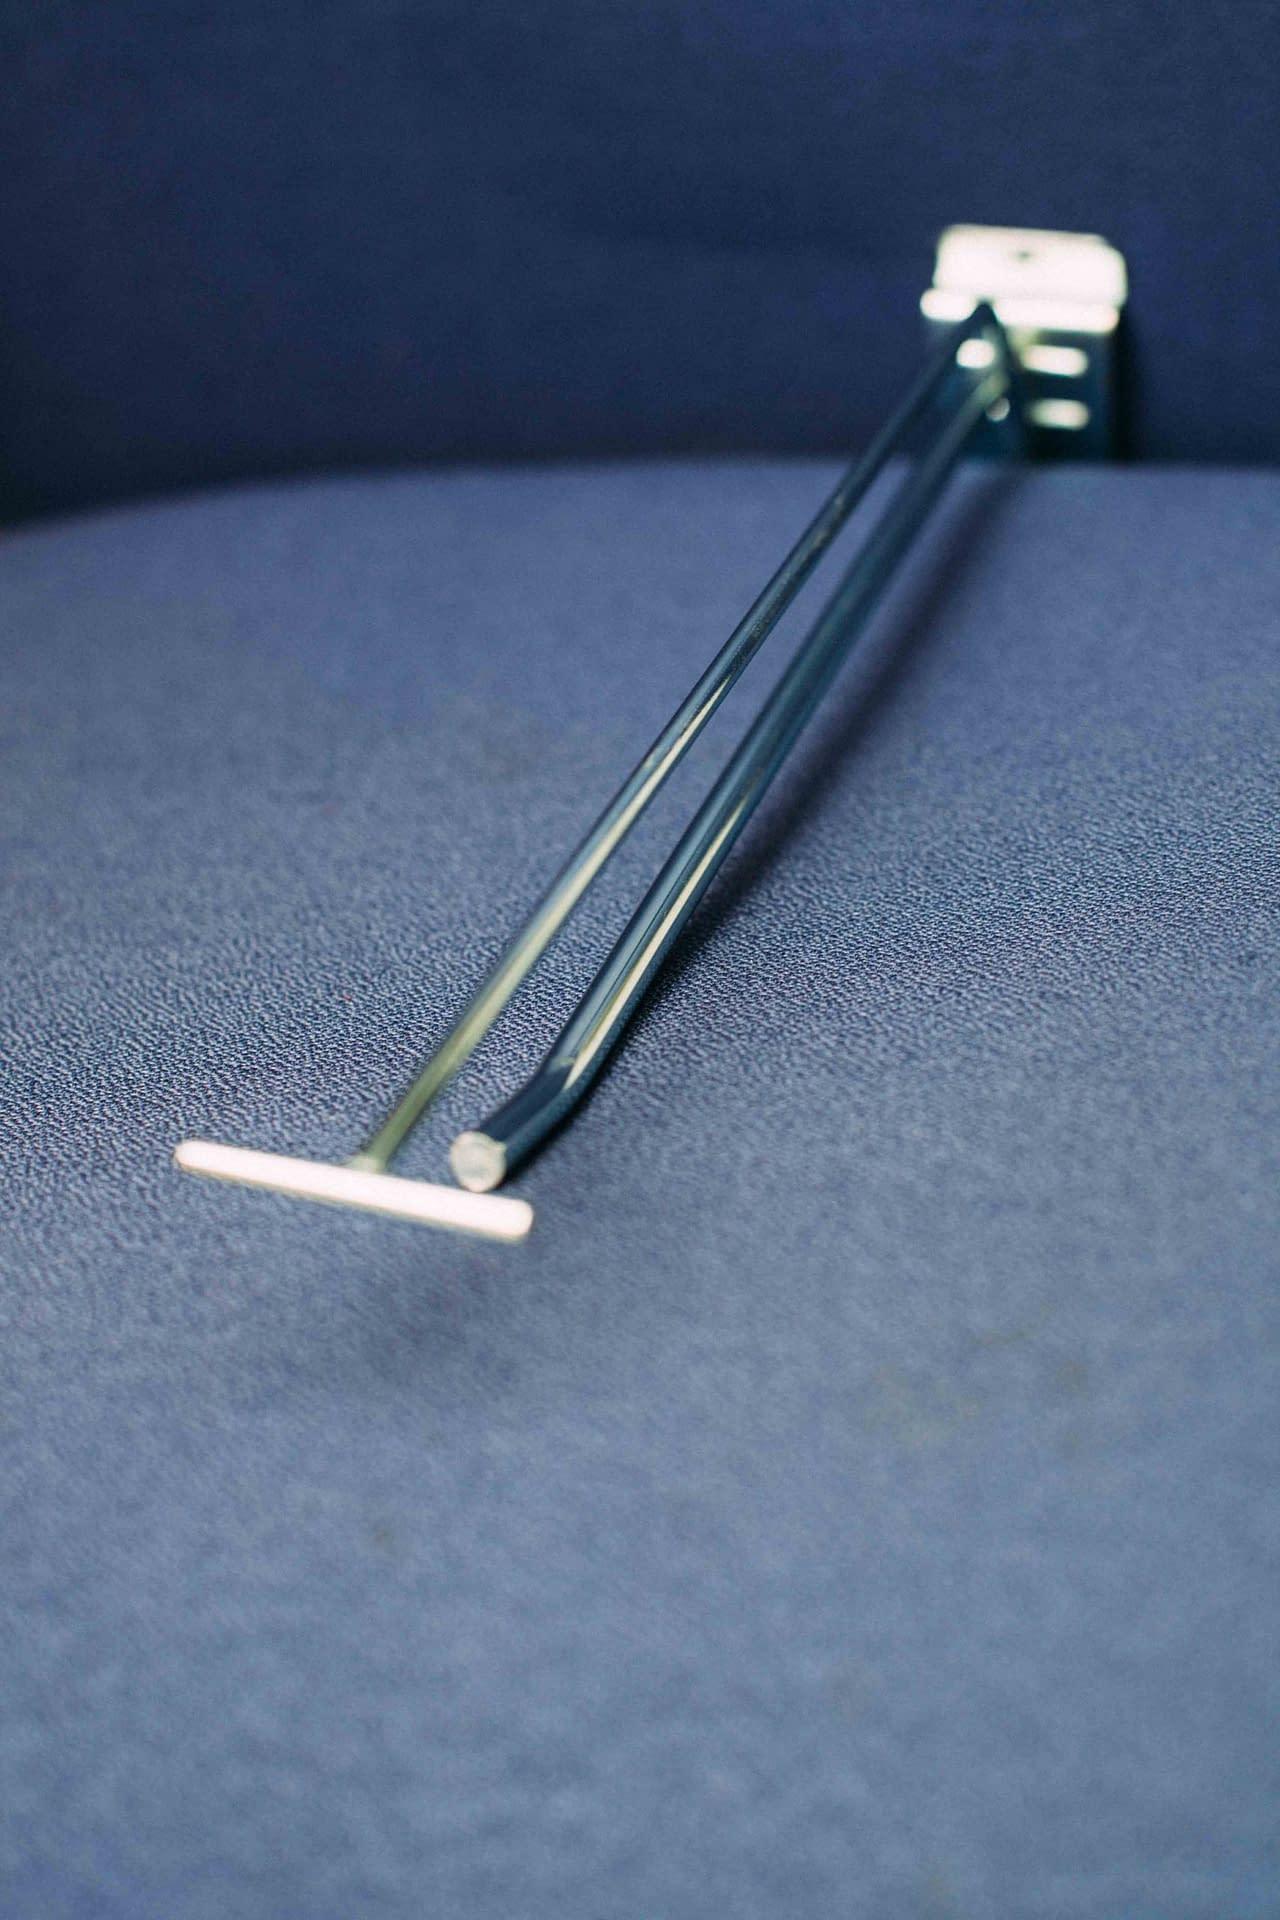 Broche de PLV en métal : fabriquée chez CFT Industrie et utilisée comme présentoir en magasin